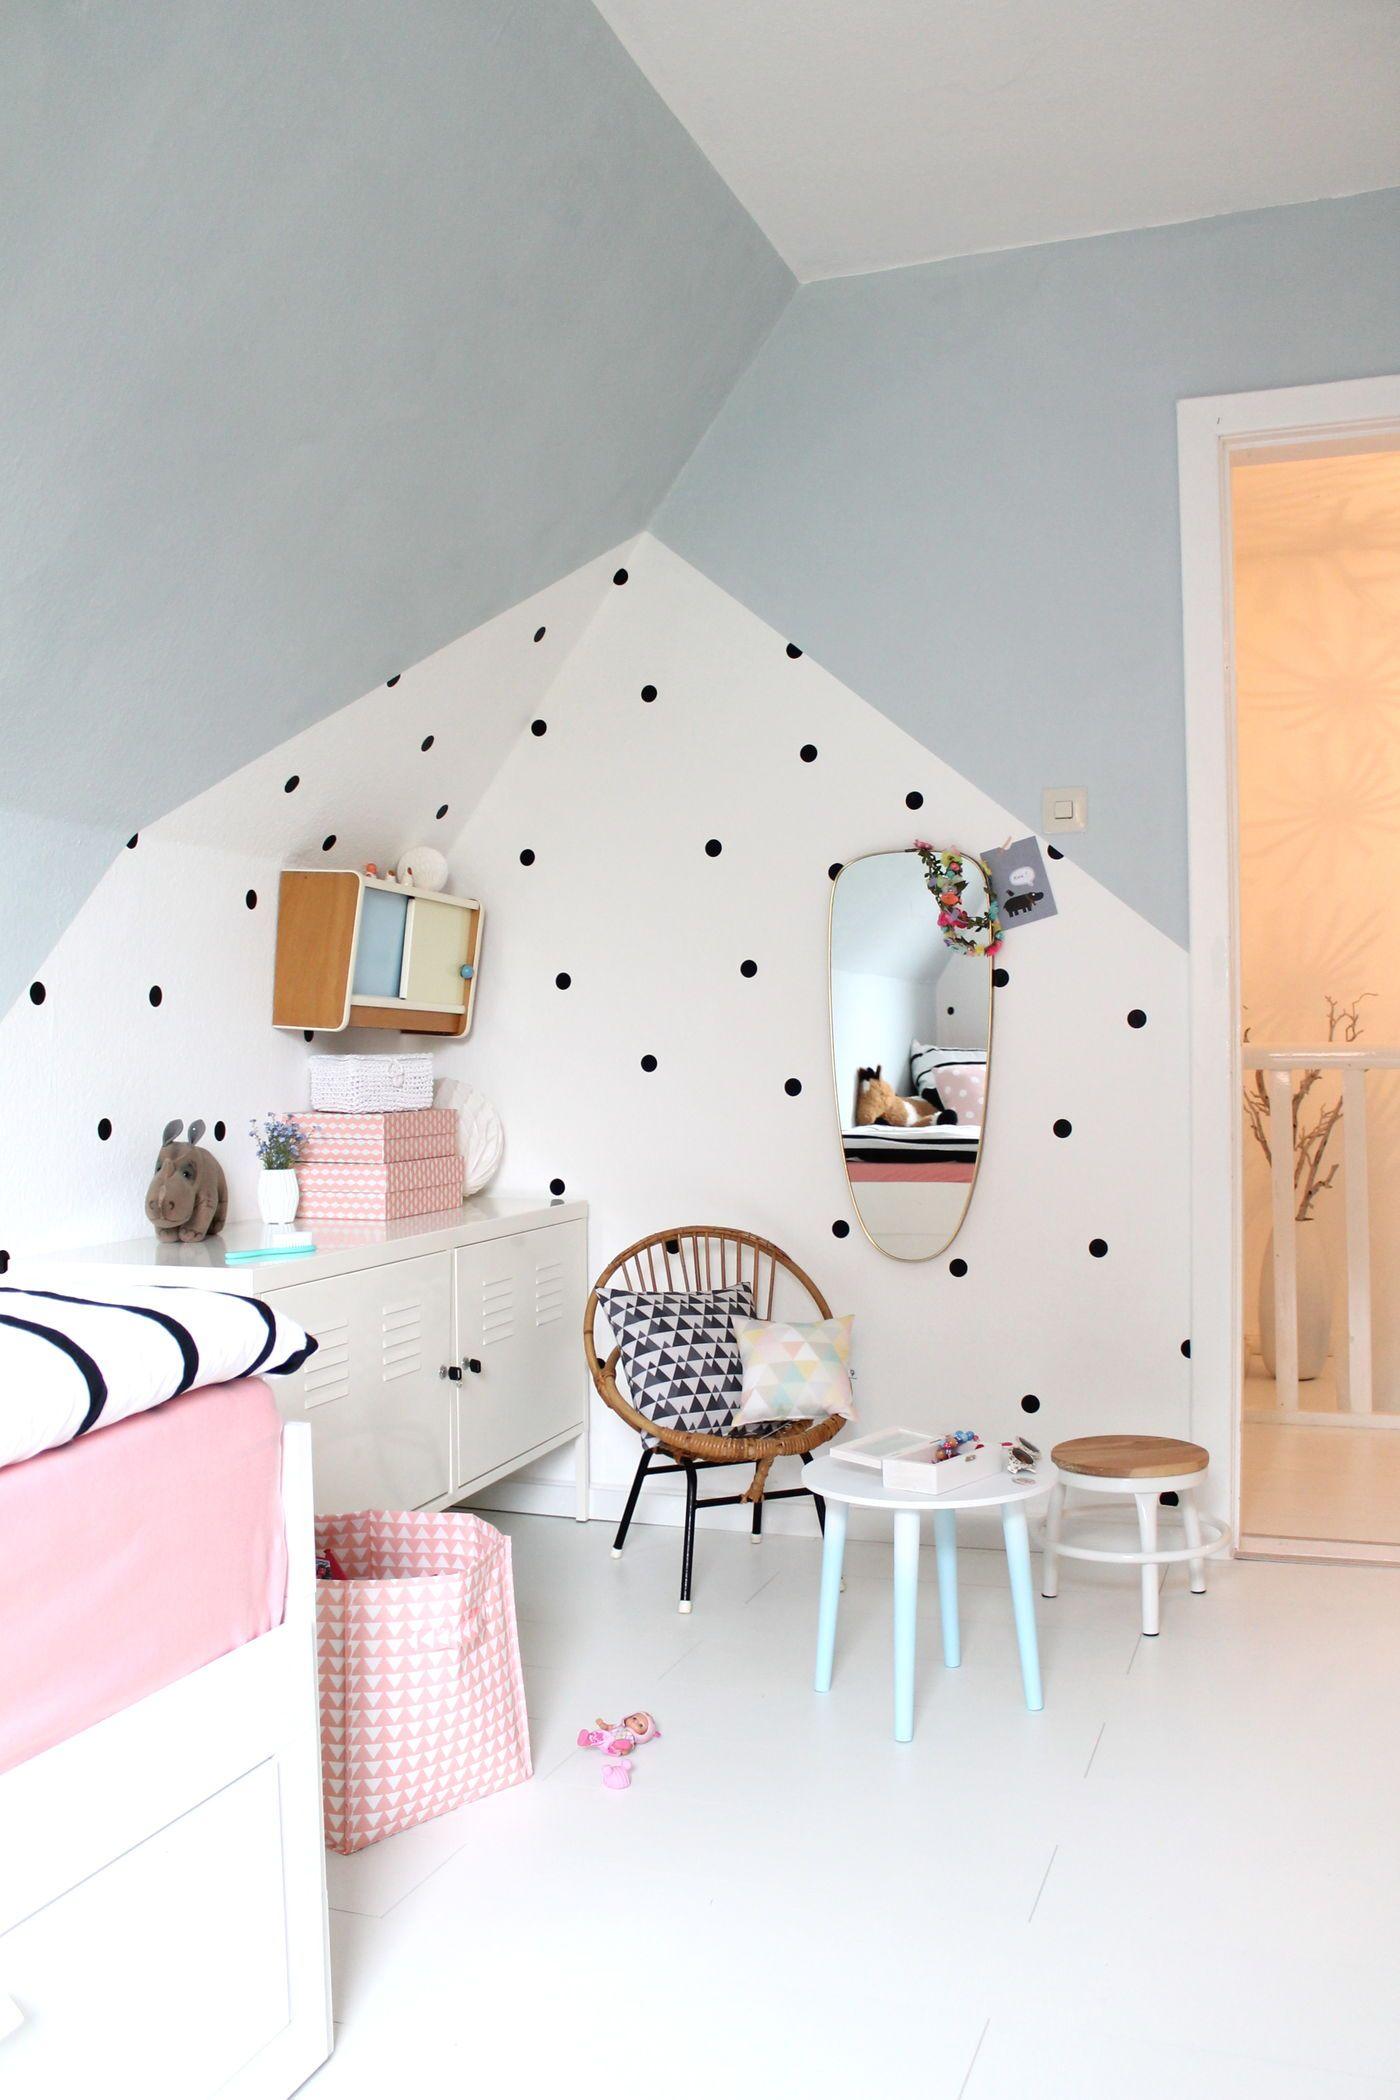 Full Size of Besten Ideen Fr Wandgestaltung Im Kinderzimmer Sofa Regale Regal Weiß Wohnzimmer Wandgestaltung Kinderzimmer Jungen